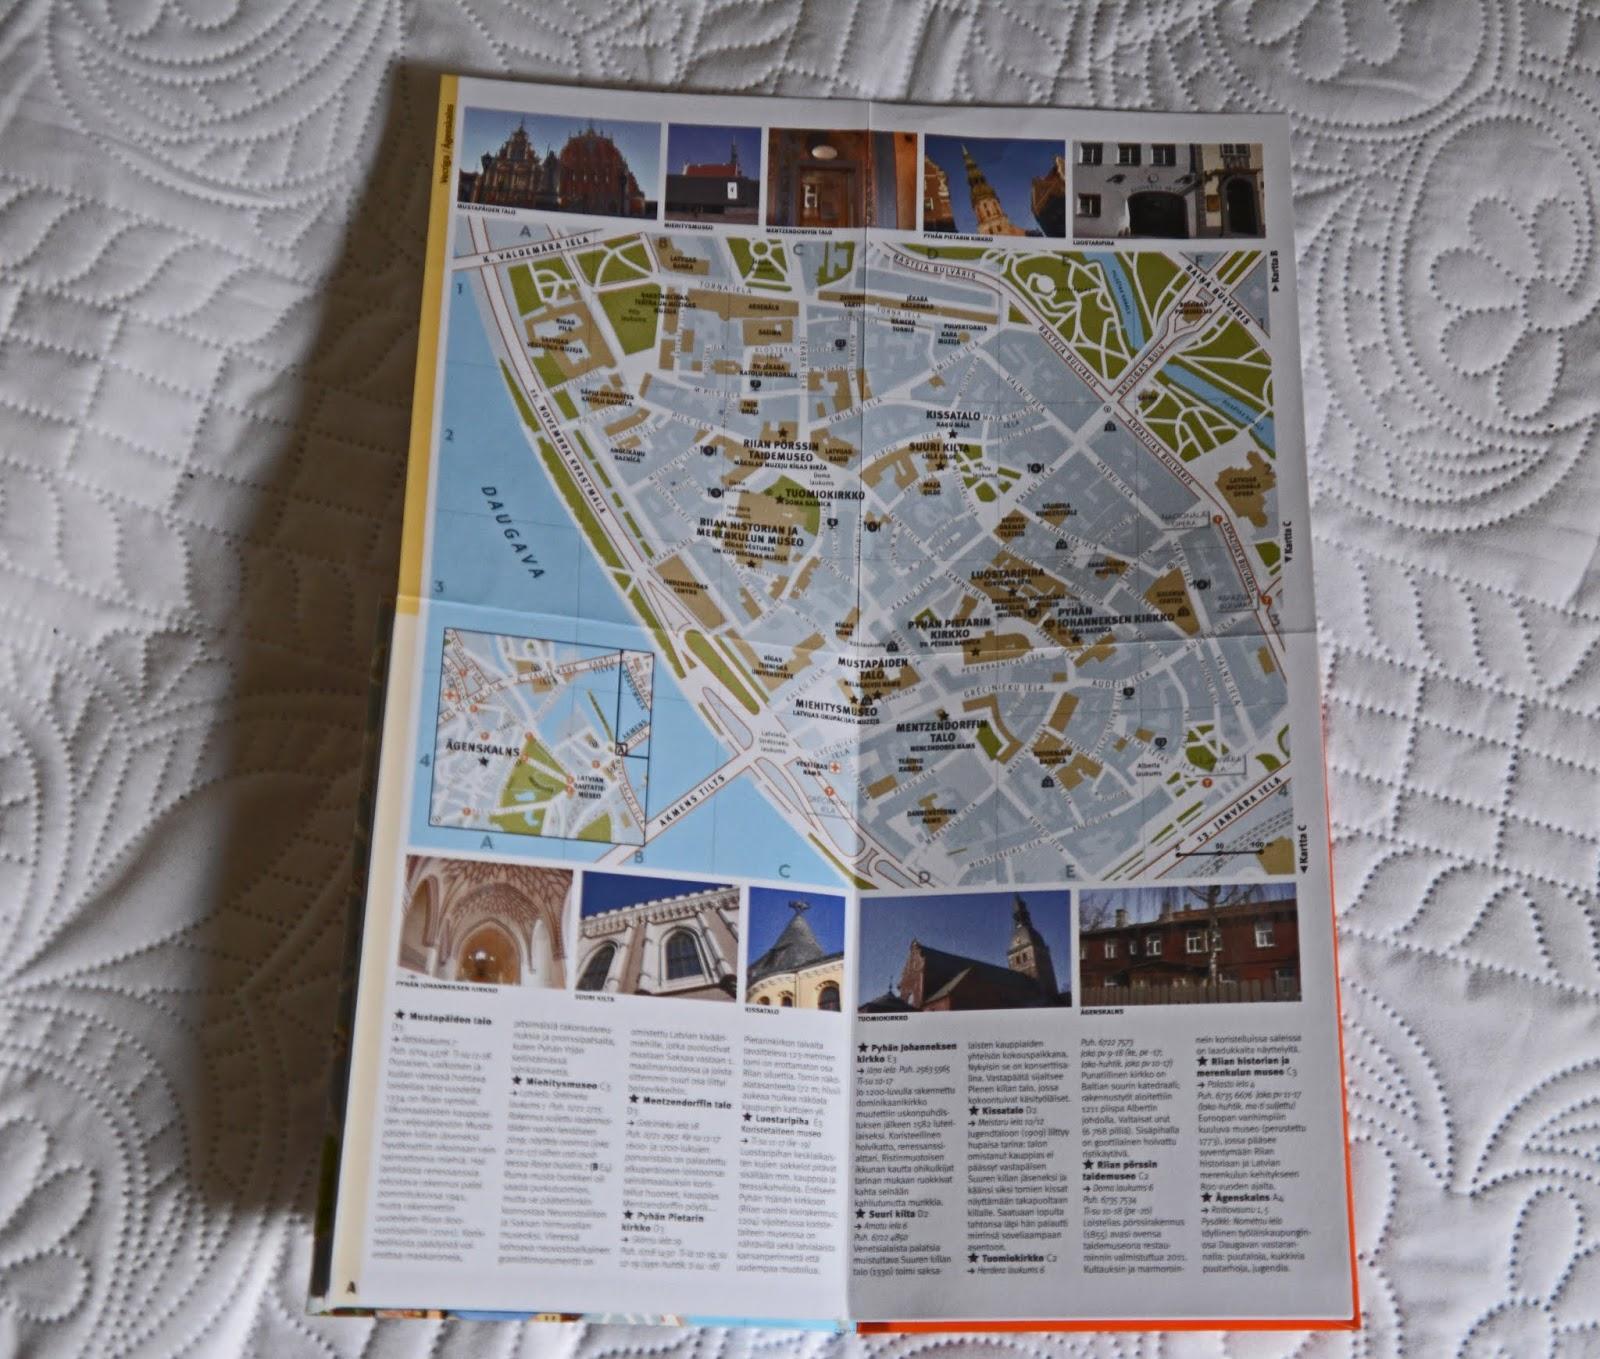 Kirjojen Kuisketta Riian Matkalla Mukana Riika Ymparistoineen